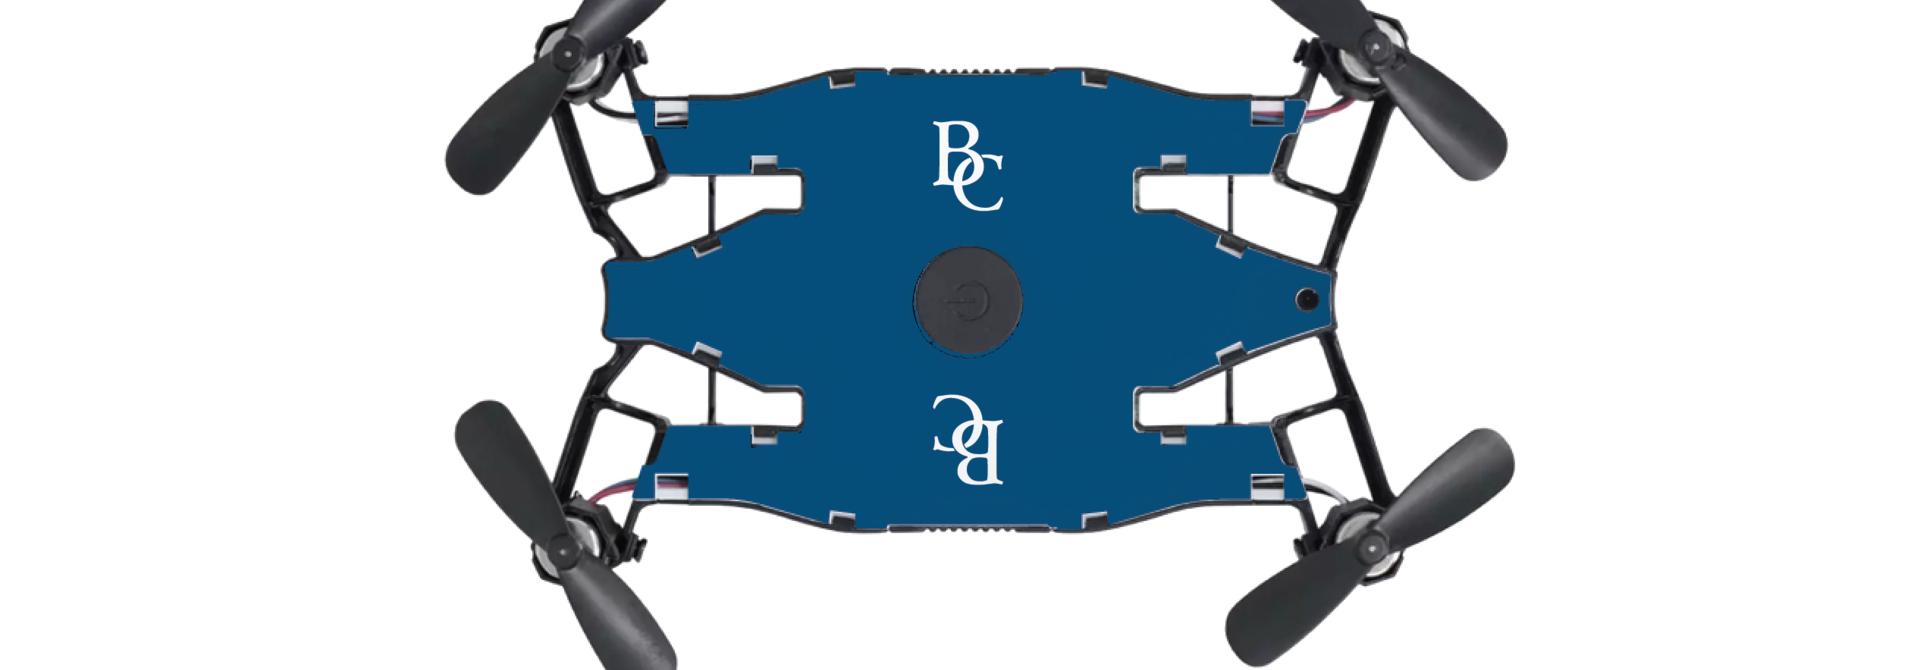 BC Drone*